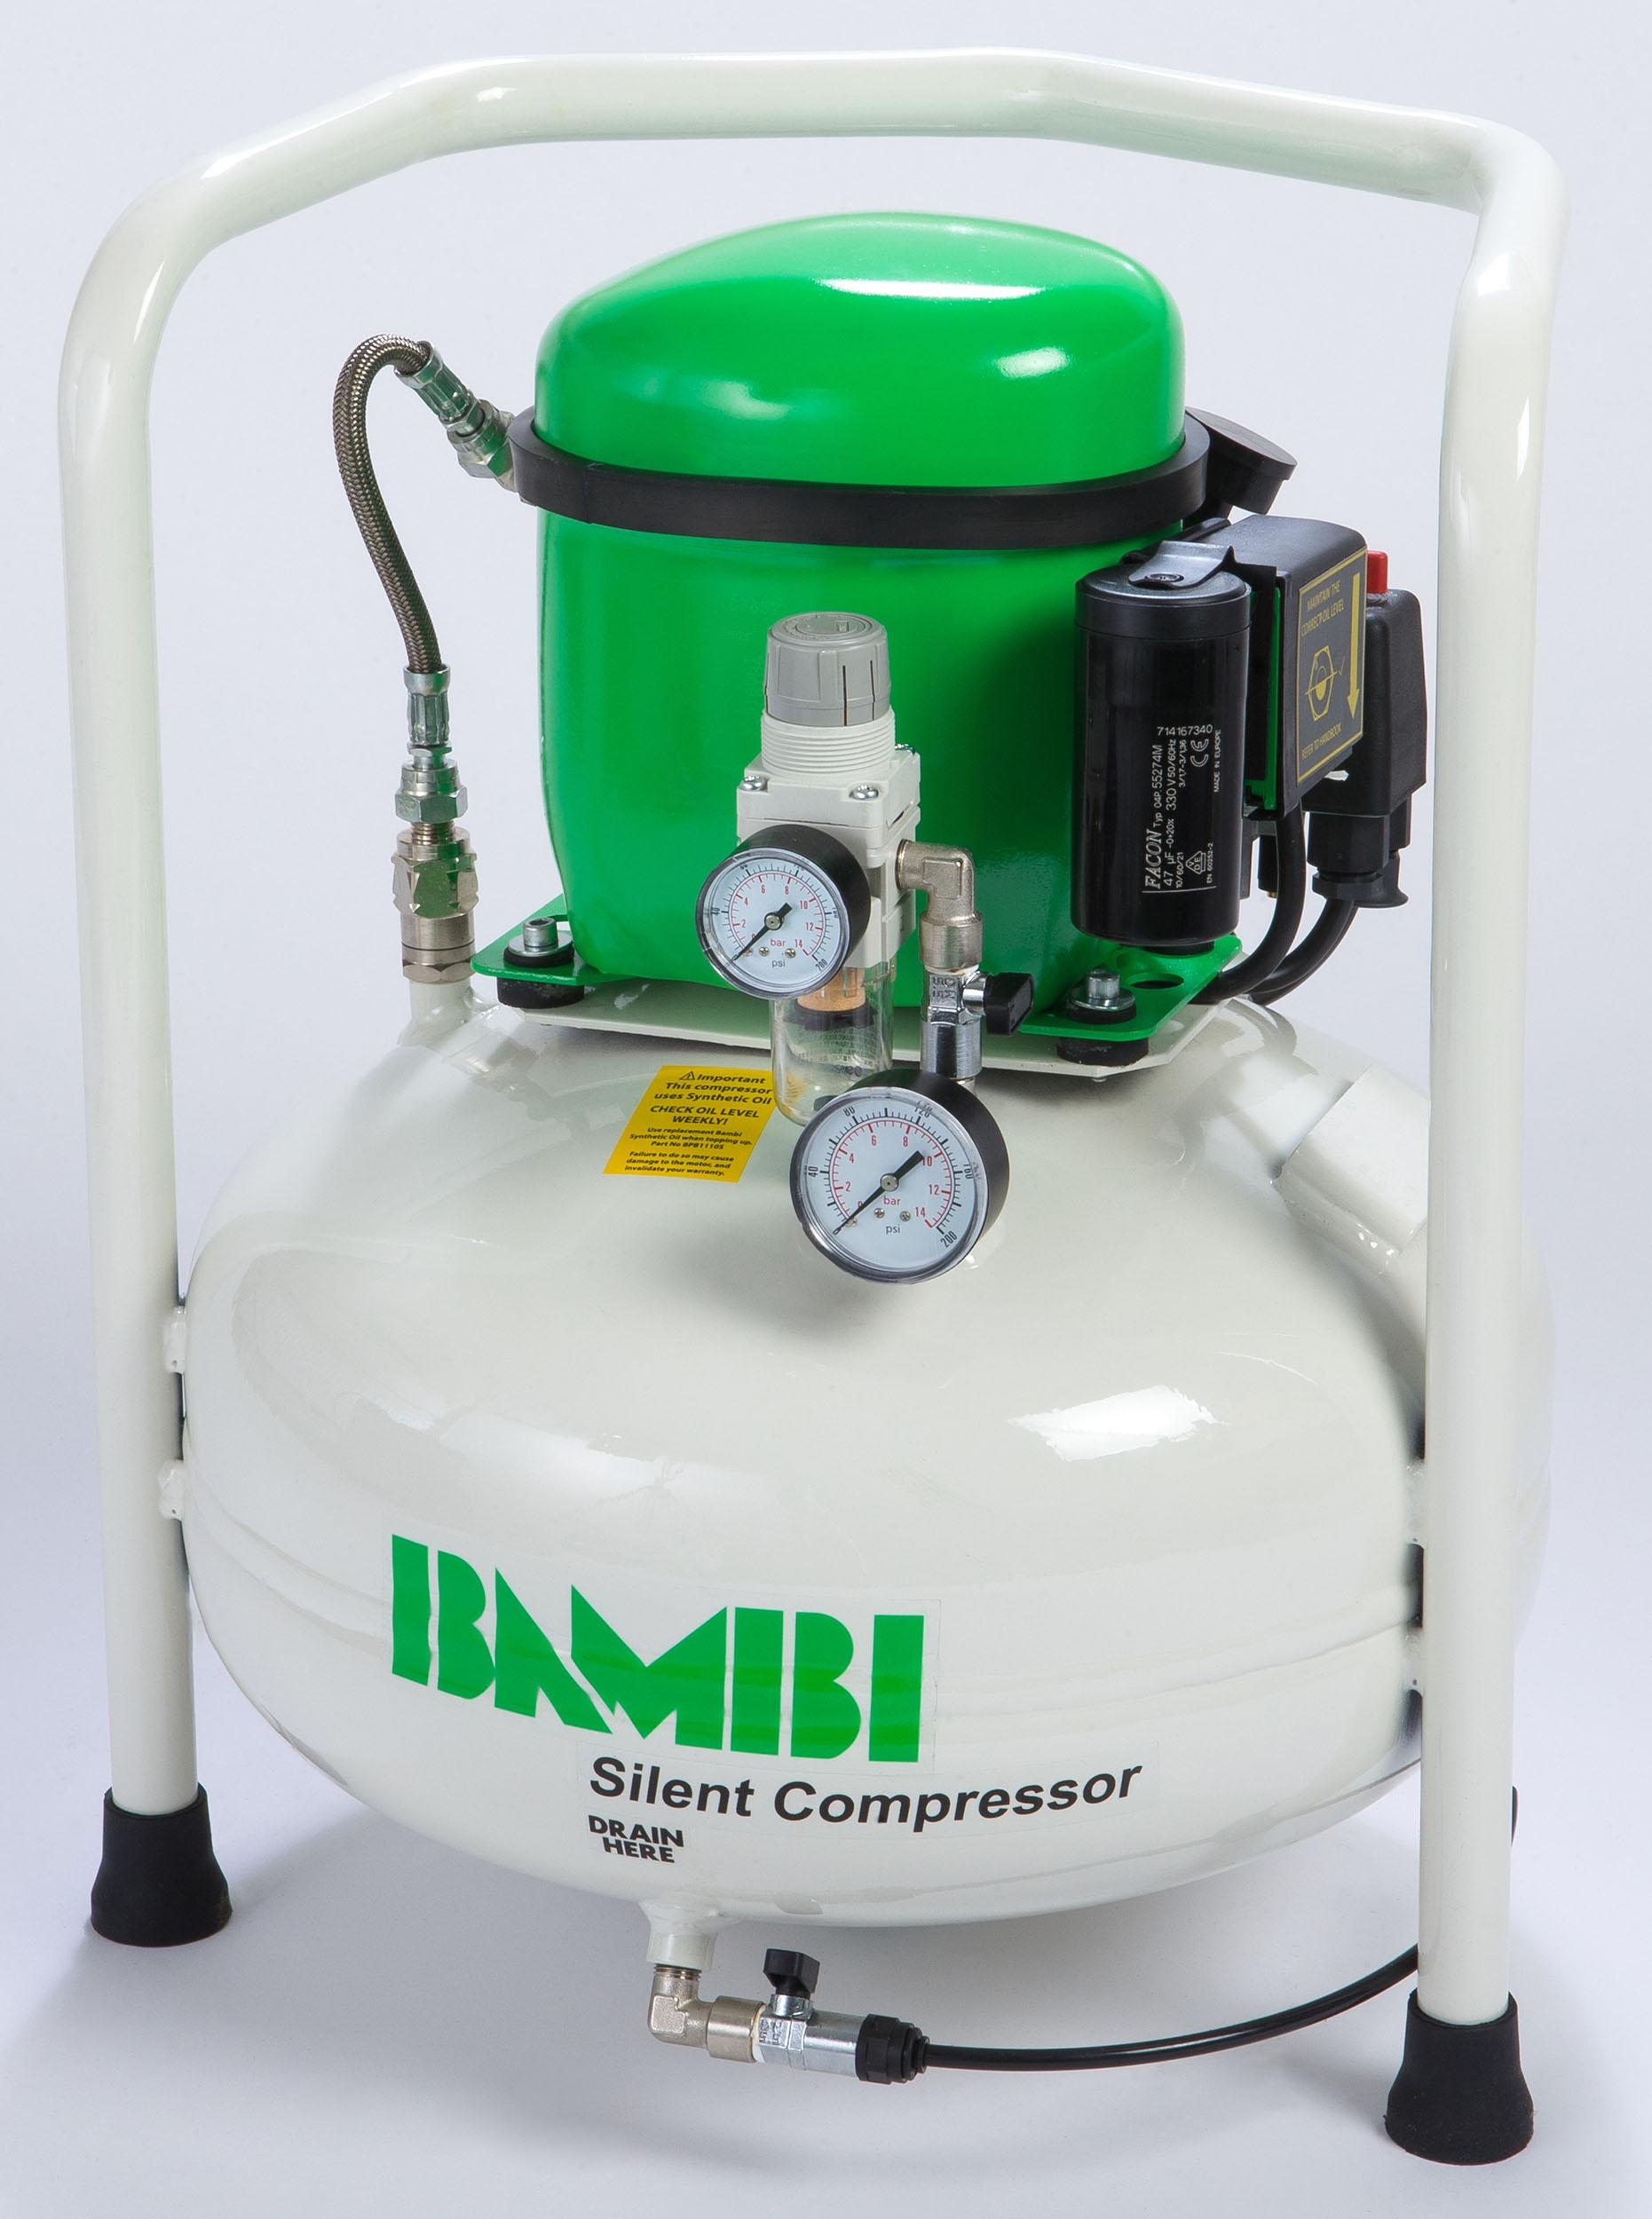 Midlands UK supplier of Bambi BB24V air compressor